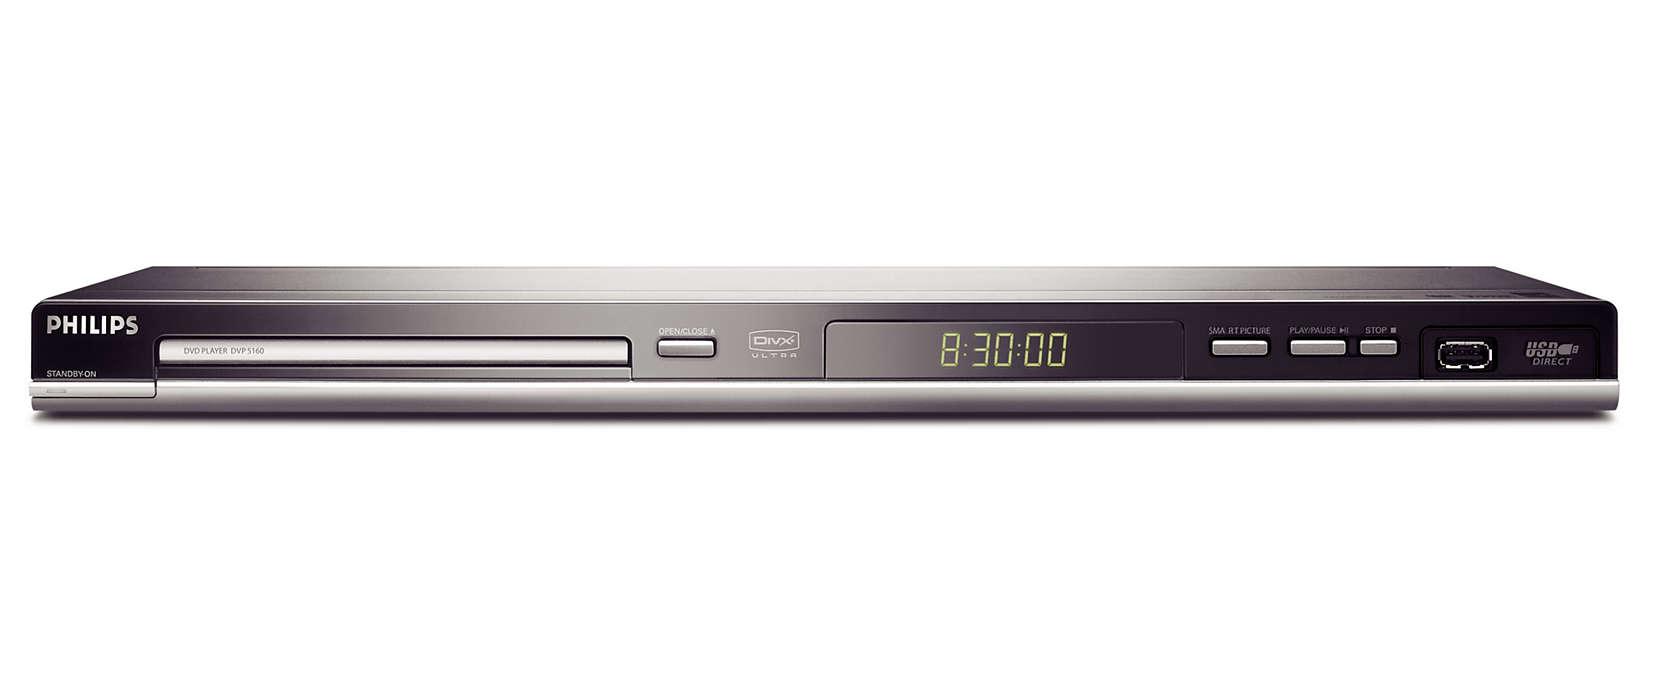 Απευθείας από USB σε τηλεόραση